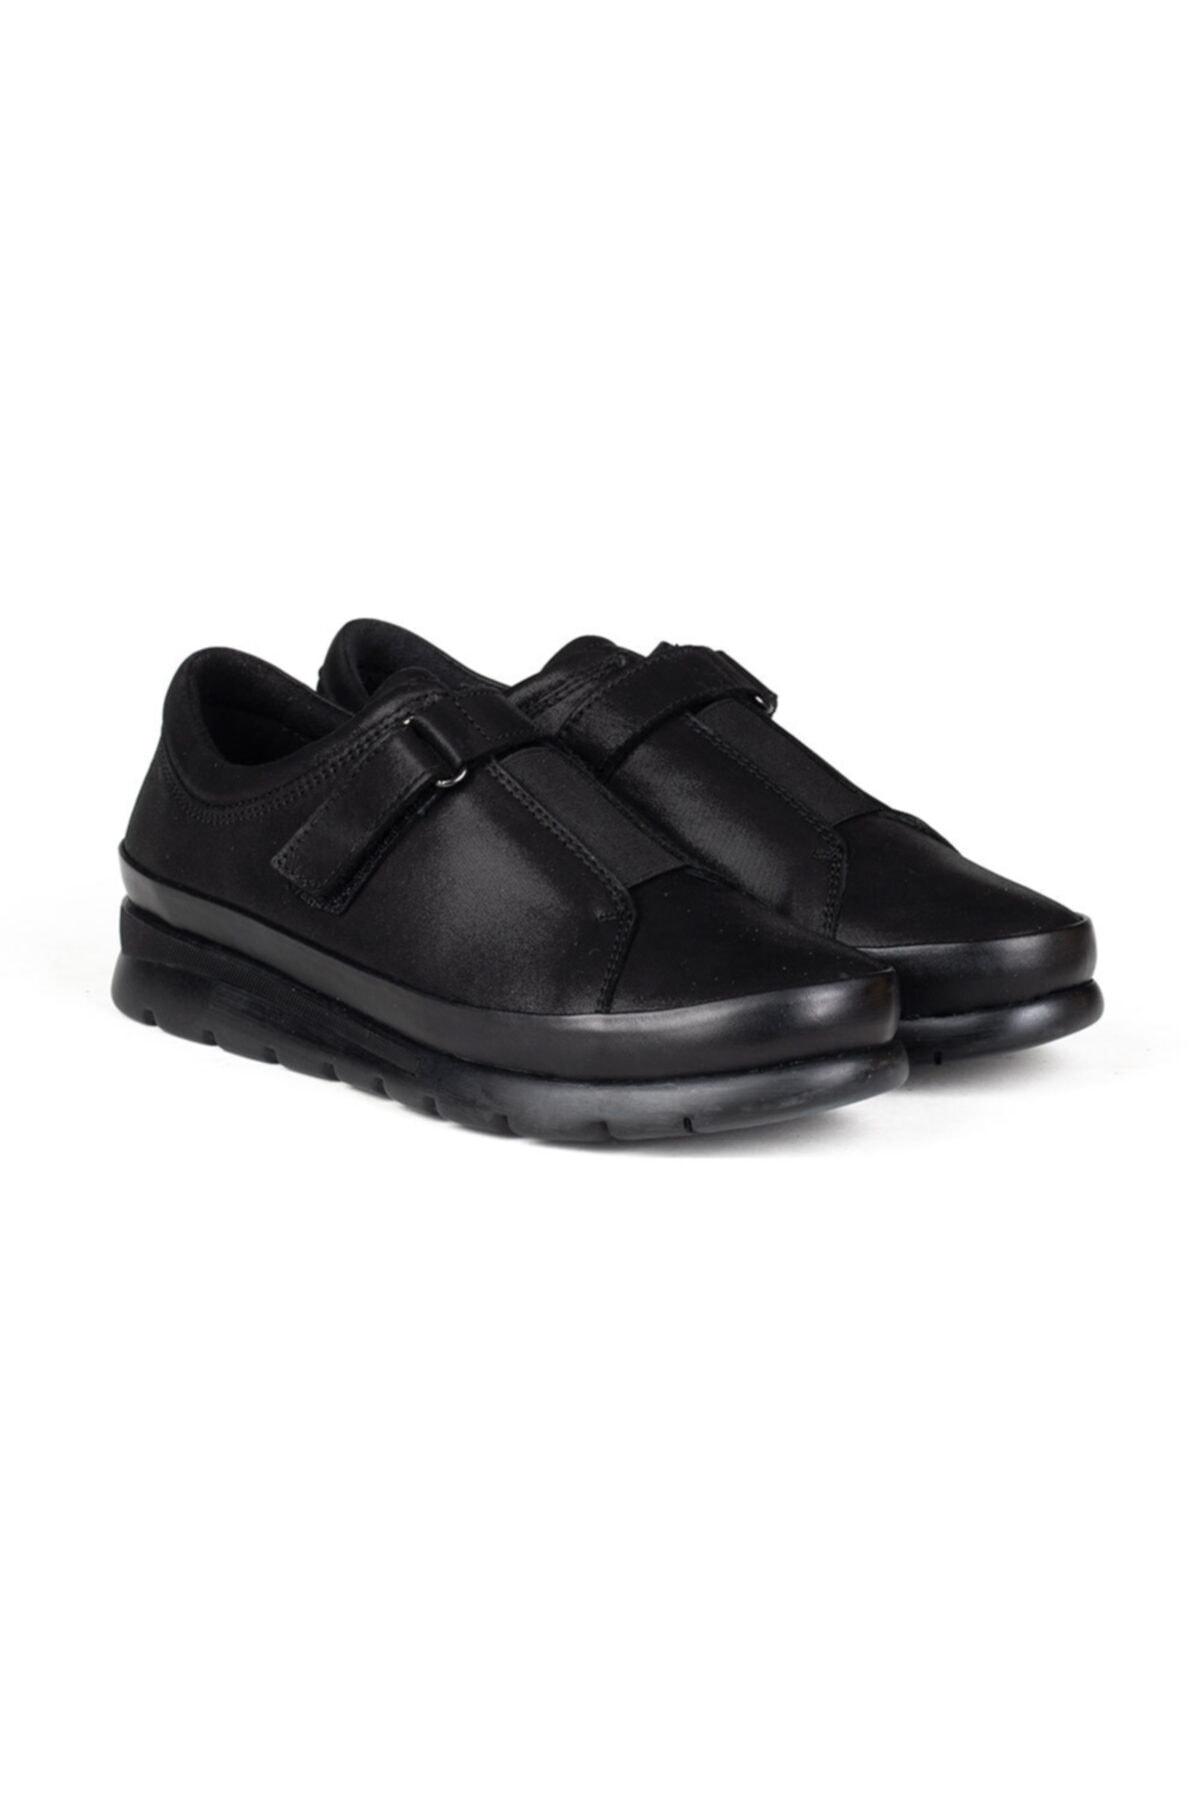 Greyder Kadın Siyah Zn Comfort Ayakkabı (k) 28930 2